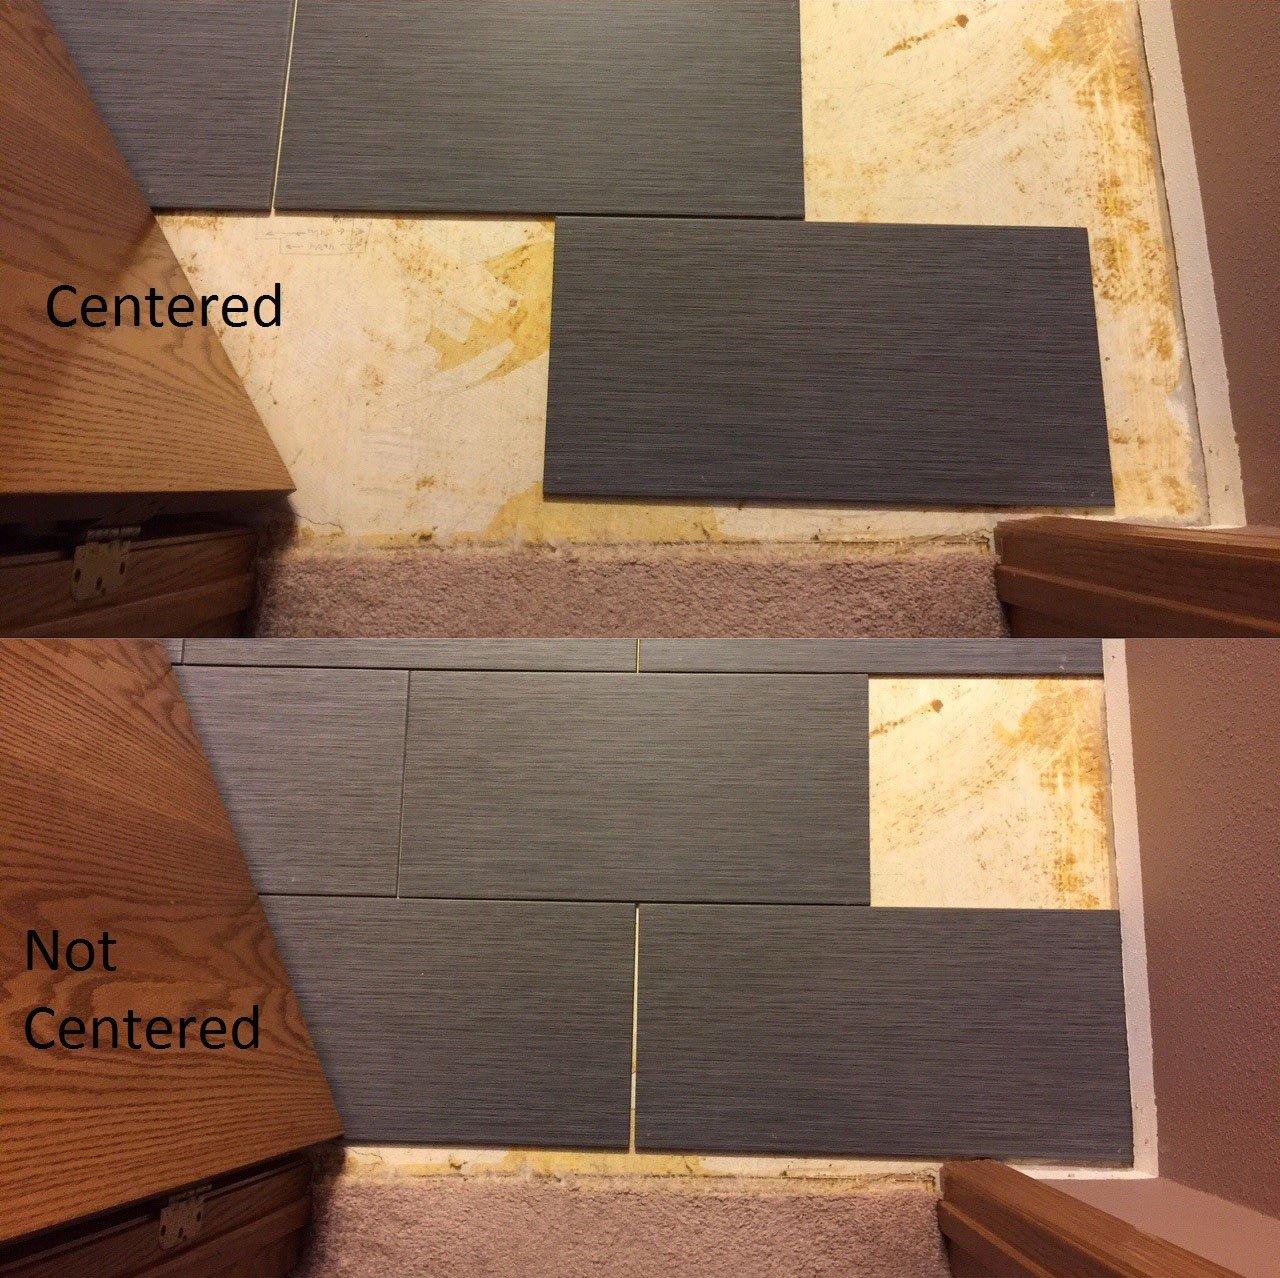 Door area comparison